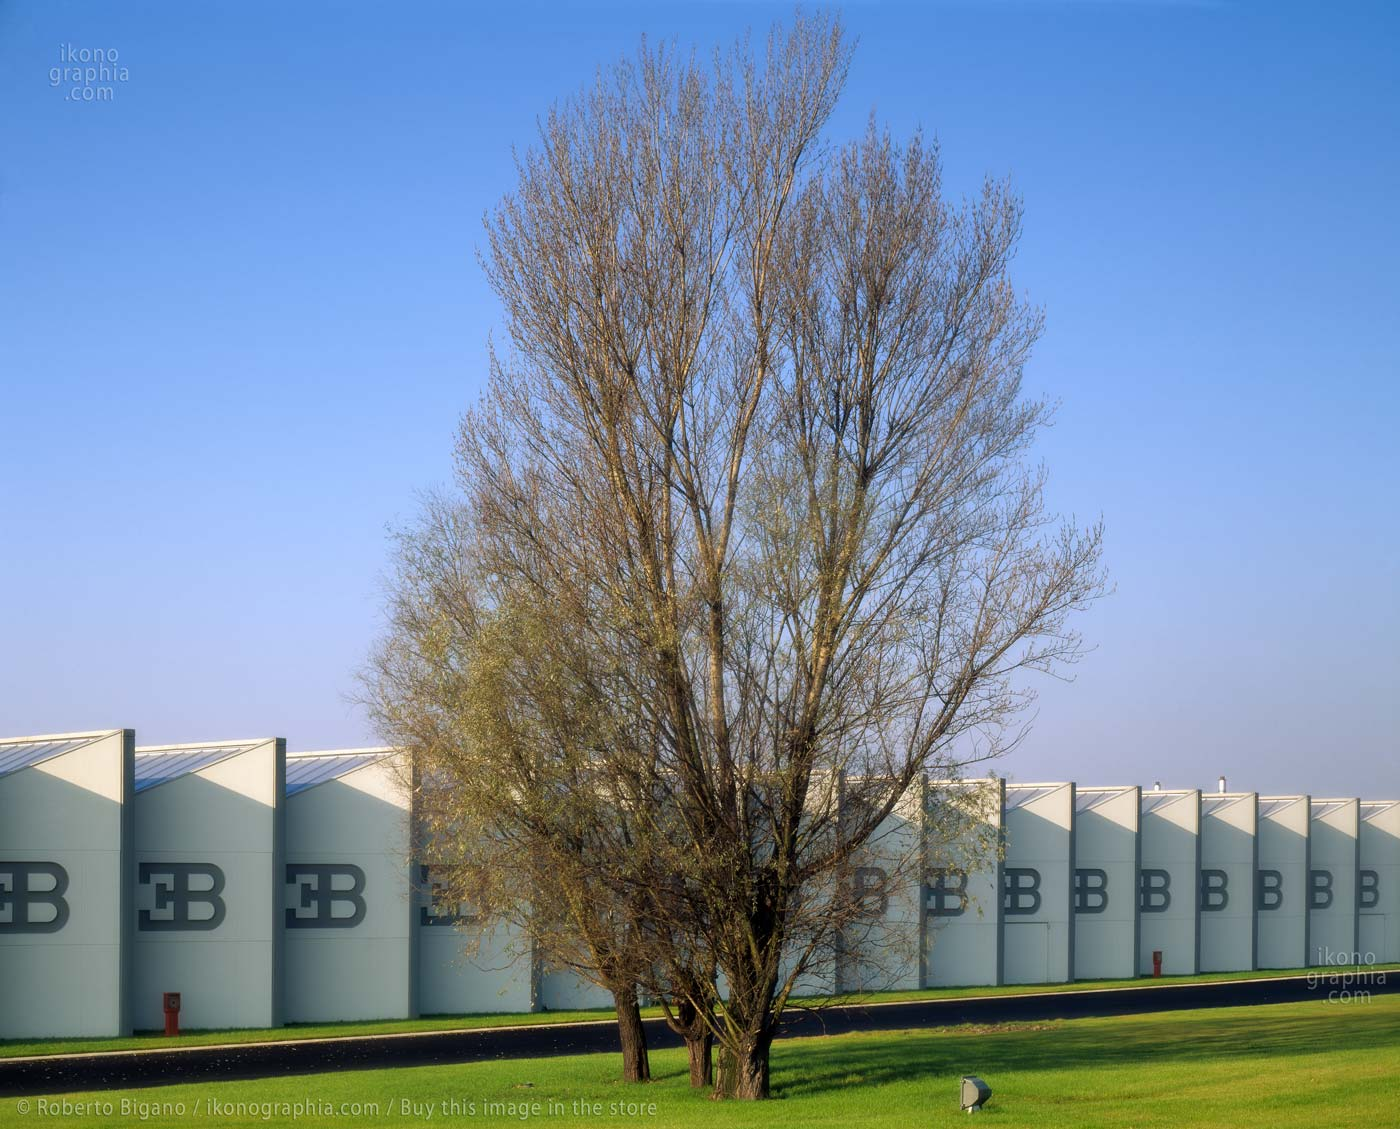 Bugatti  Automobili factory. The iconic modular structure with Ettore Bugatti's EB logo and the large windows